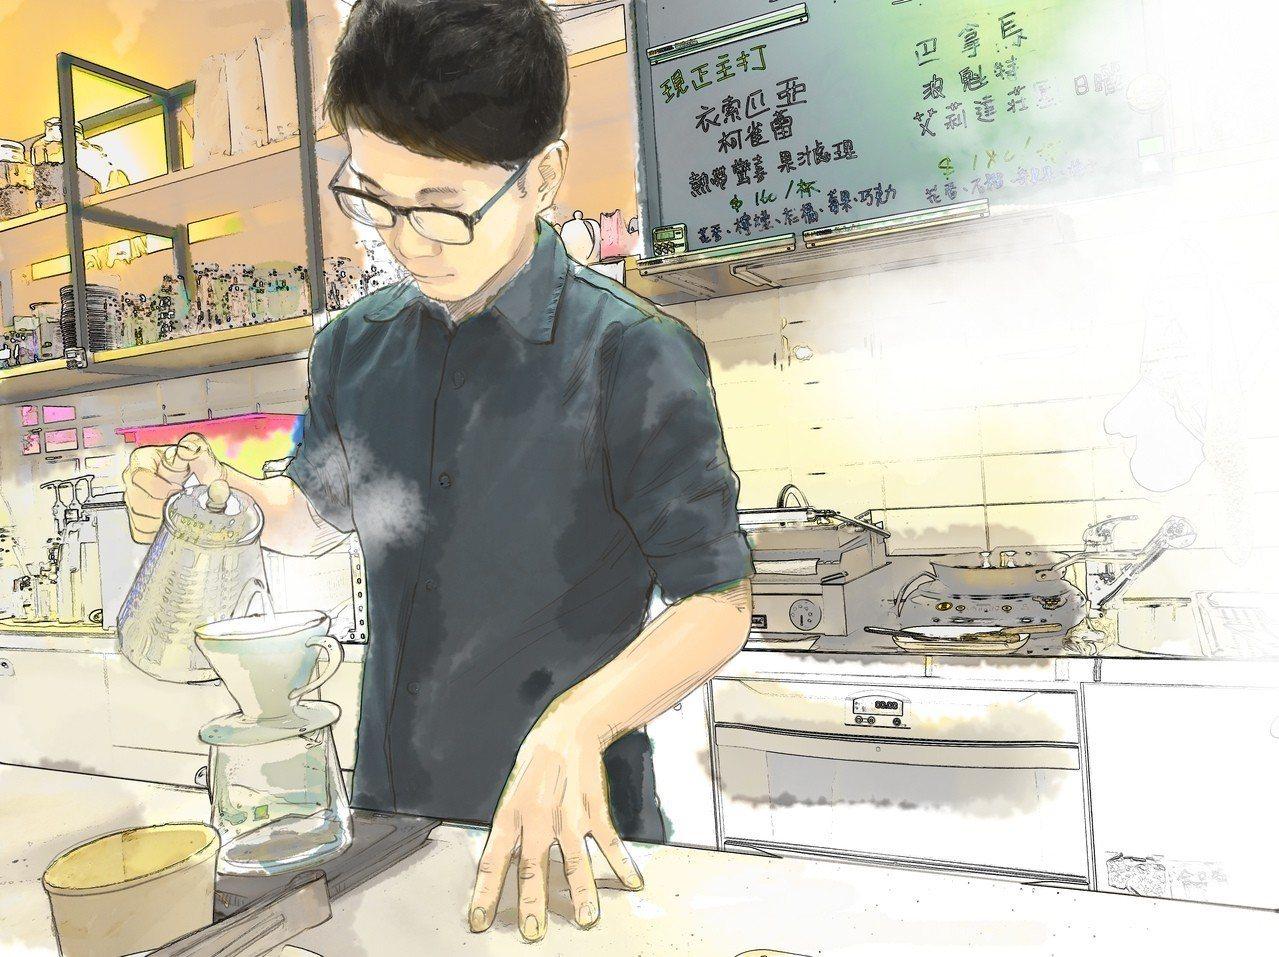 【青春名人堂】阮光民/零咖逼